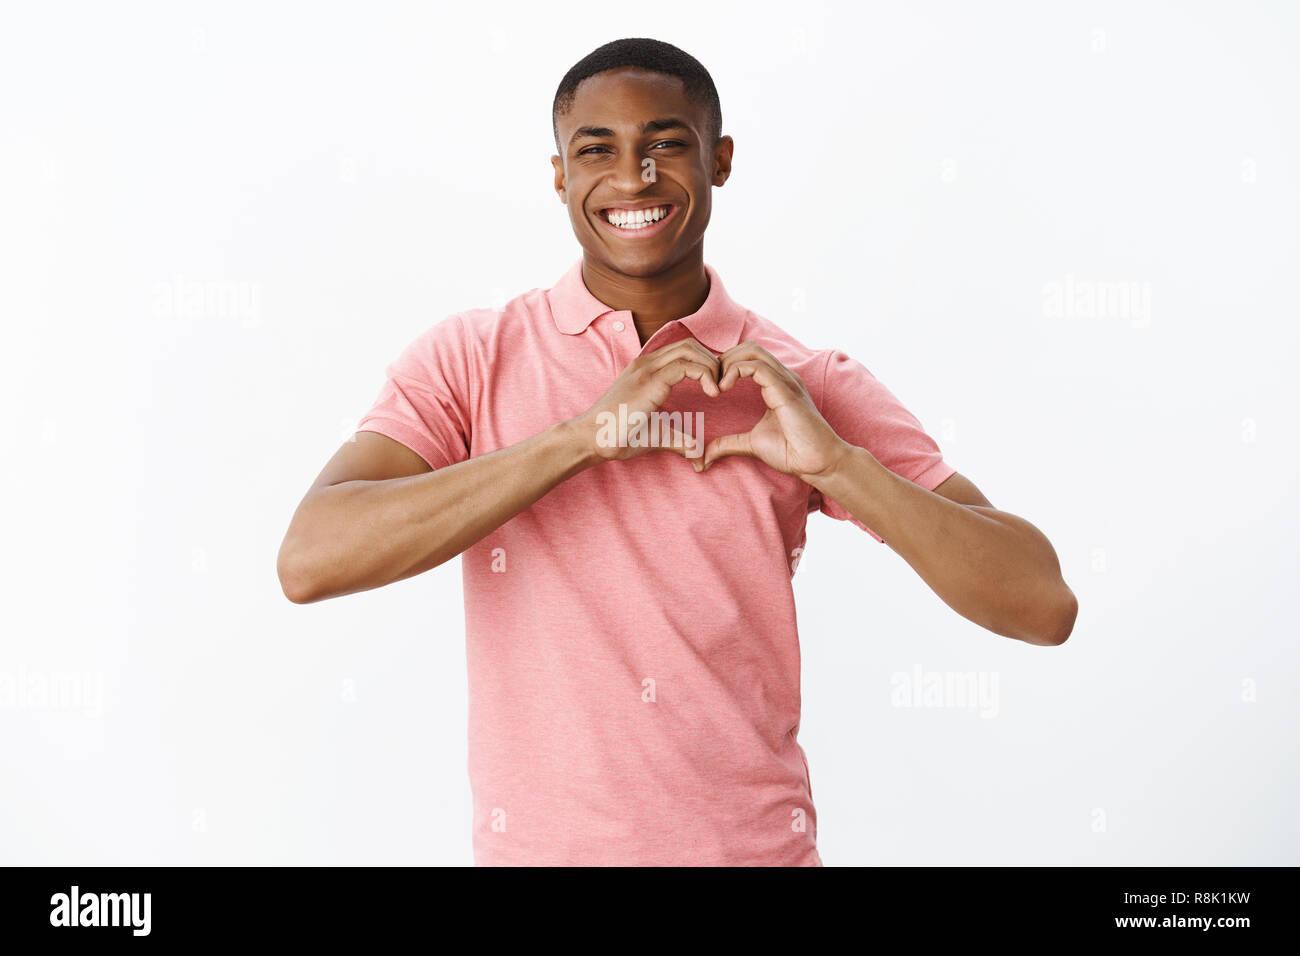 Wais-up shot de sincera amable y lindo macho joven afroamericano compartir amor y tiernos sentimientos mostrando corazón gesto sonriente y confesando en solidaridad a la madre sobre pared blanca Imagen De Stock